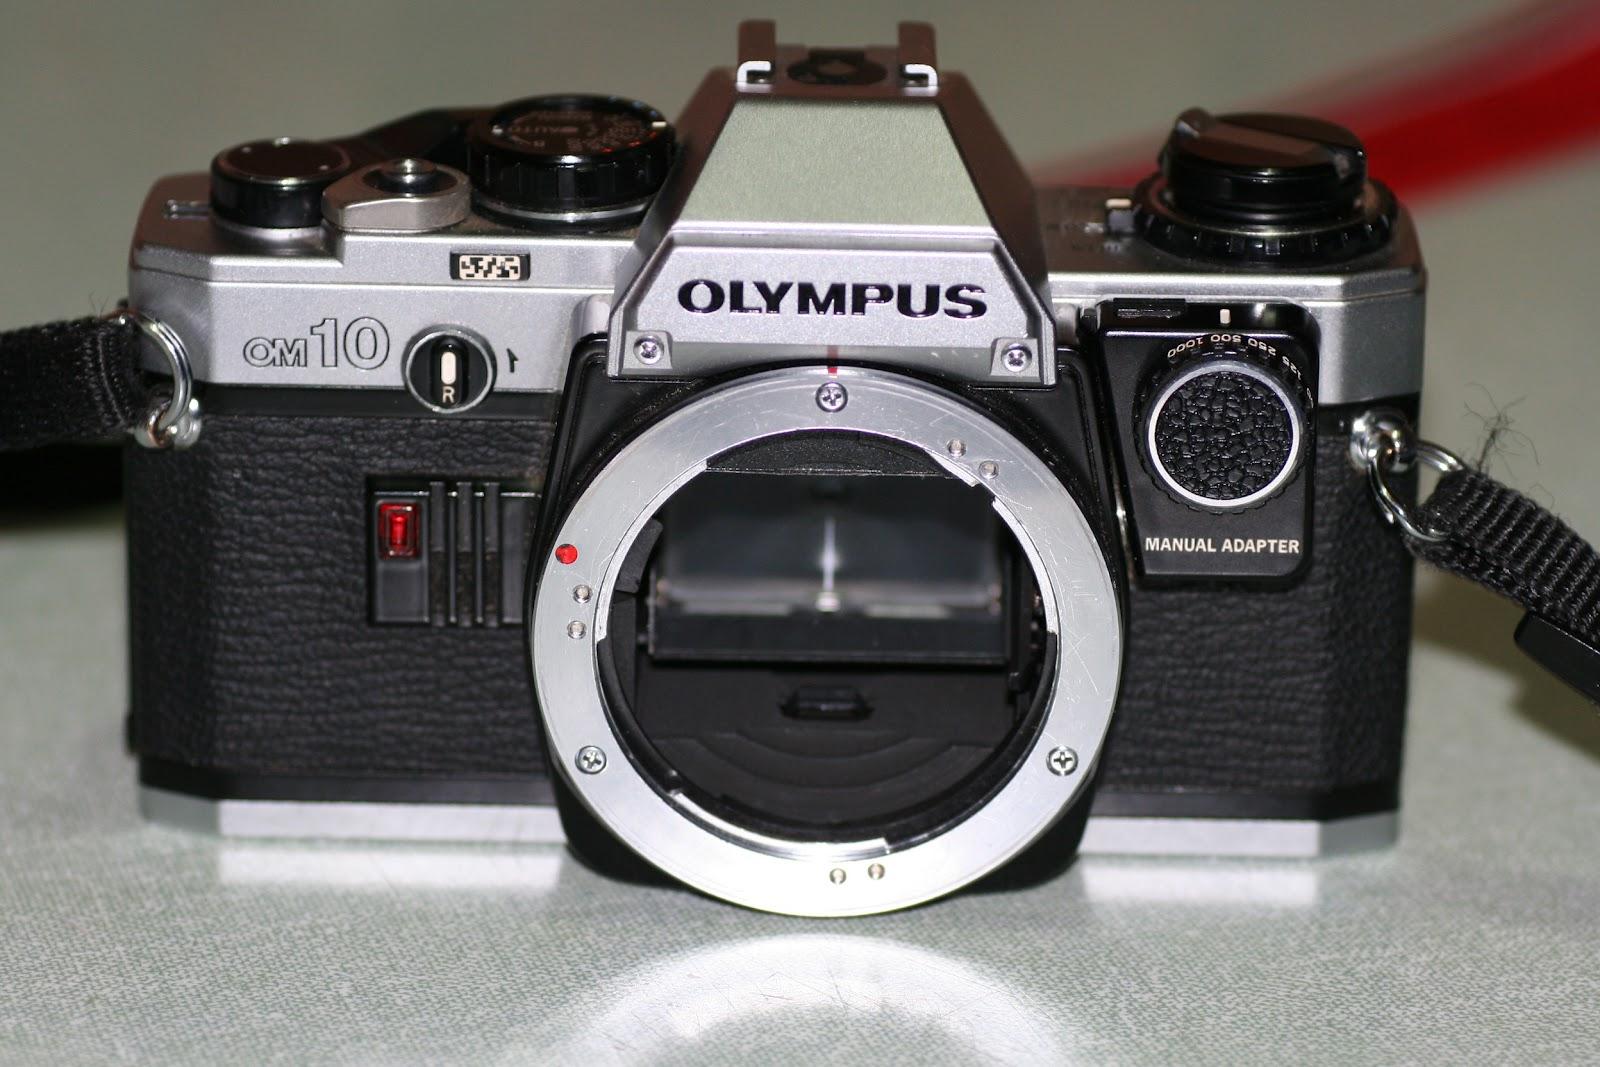 john margetts old camera blog olympus om 10 rh johns old cameras blogspot com olympus om 10 manual pdf olympus om10 manual adaptor